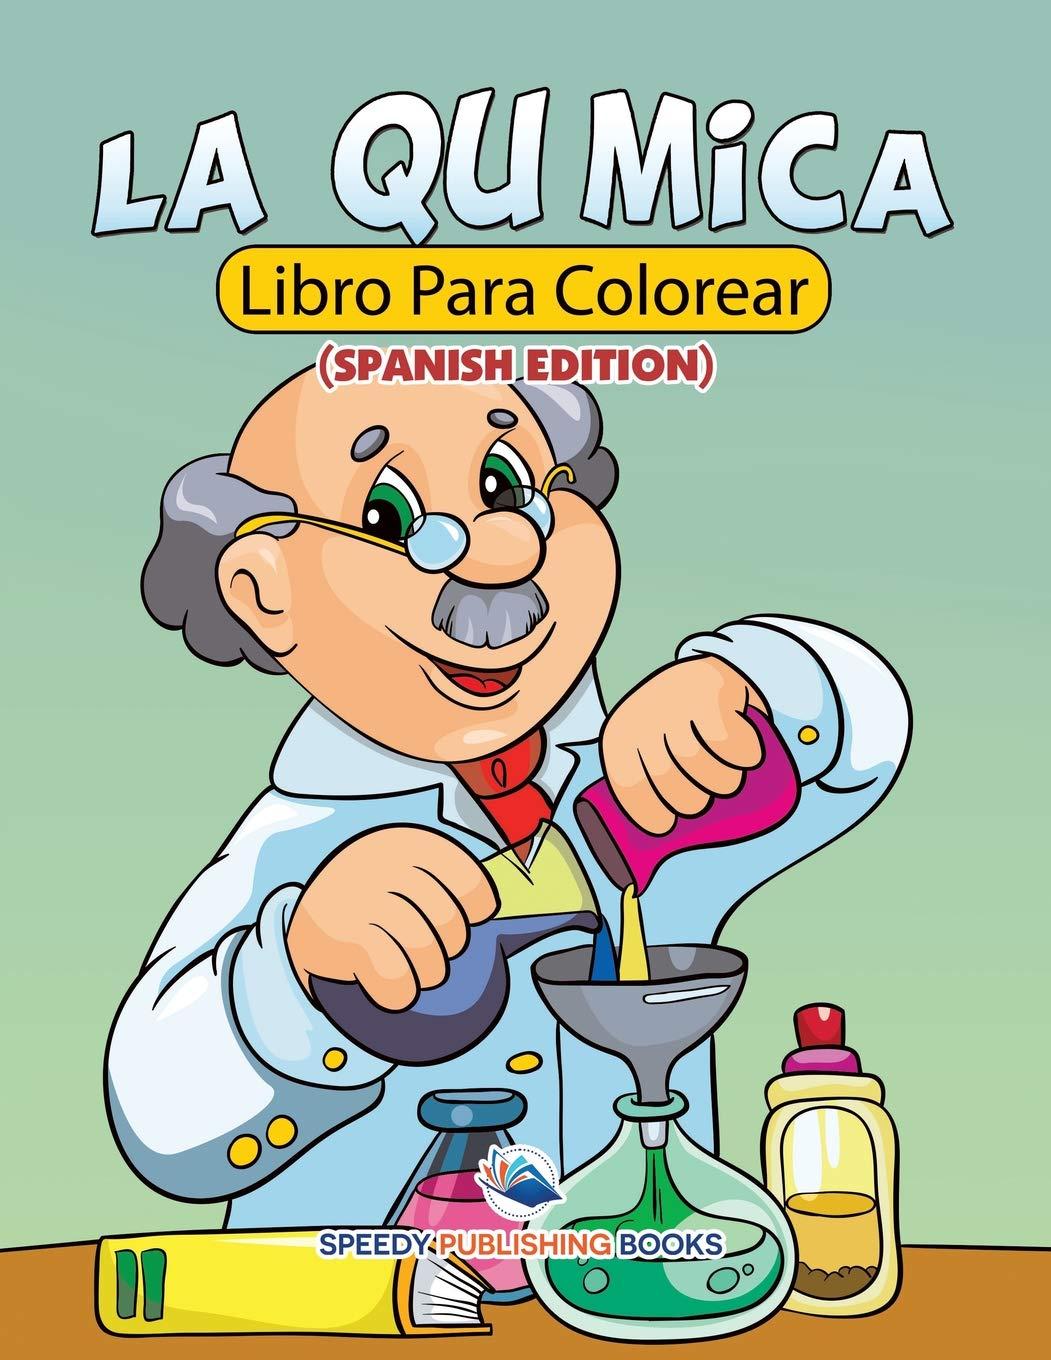 La Química Libro Para Colorear Speedy Publishing Llc 9781682125670